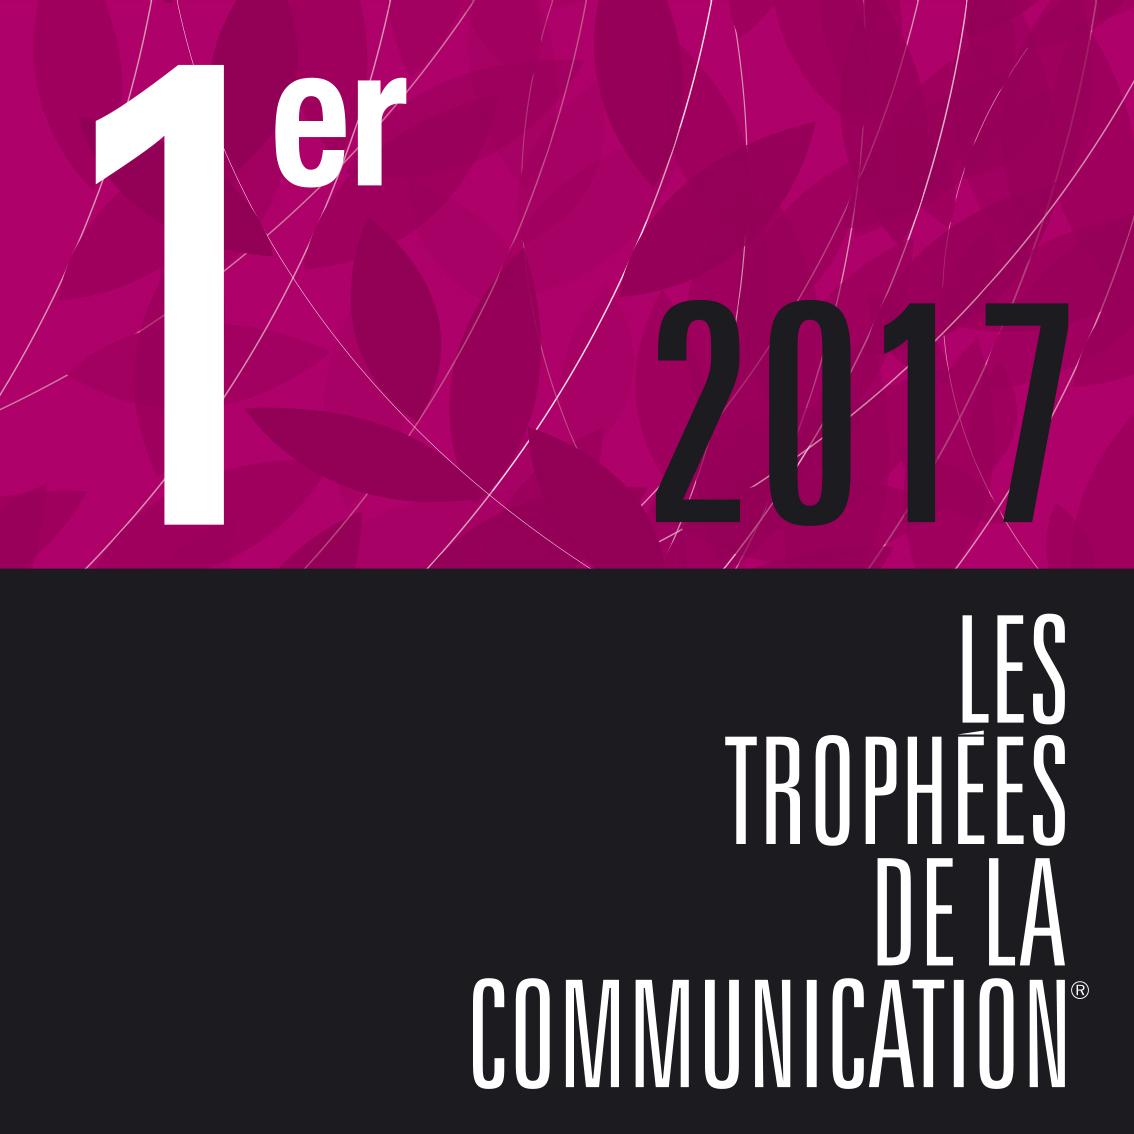 Visuel de la 1ère place 2017 des trophées de la communication